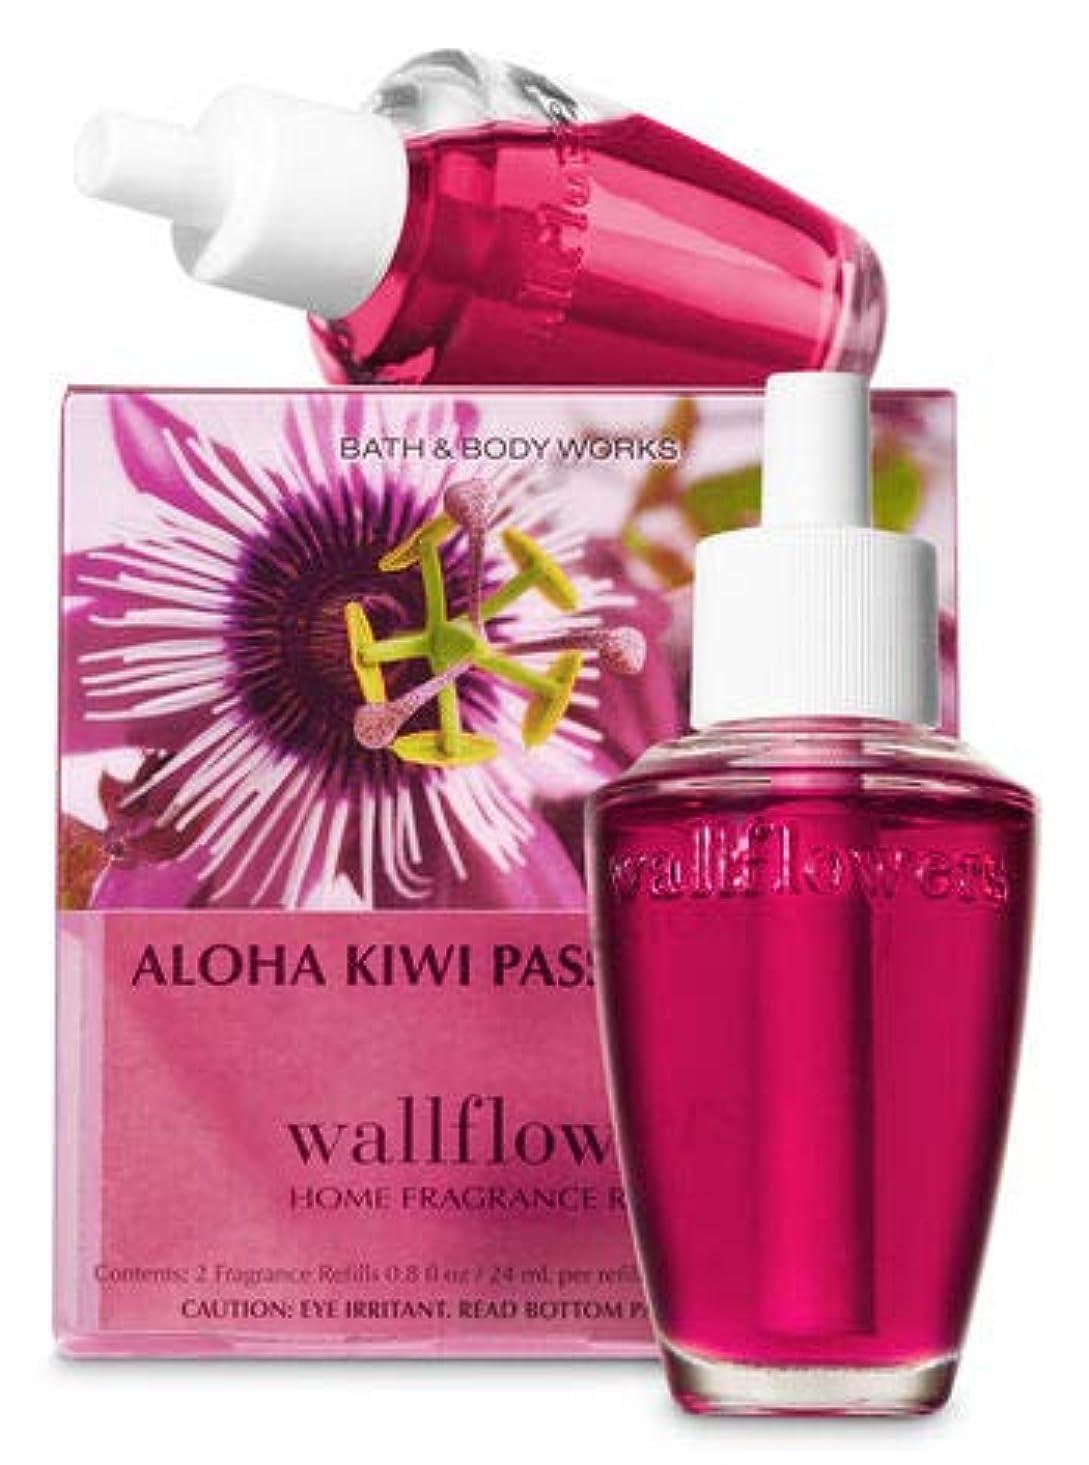 羊の流星【Bath&Body Works/バス&ボディワークス】 ルームフレグランス 詰替えリフィル(2個入り) アロハキウイパッションフルーツ Wallflowers Home Fragrance 2-Pack Refills Aloha Kiwi Passionfruit [並行輸入品]